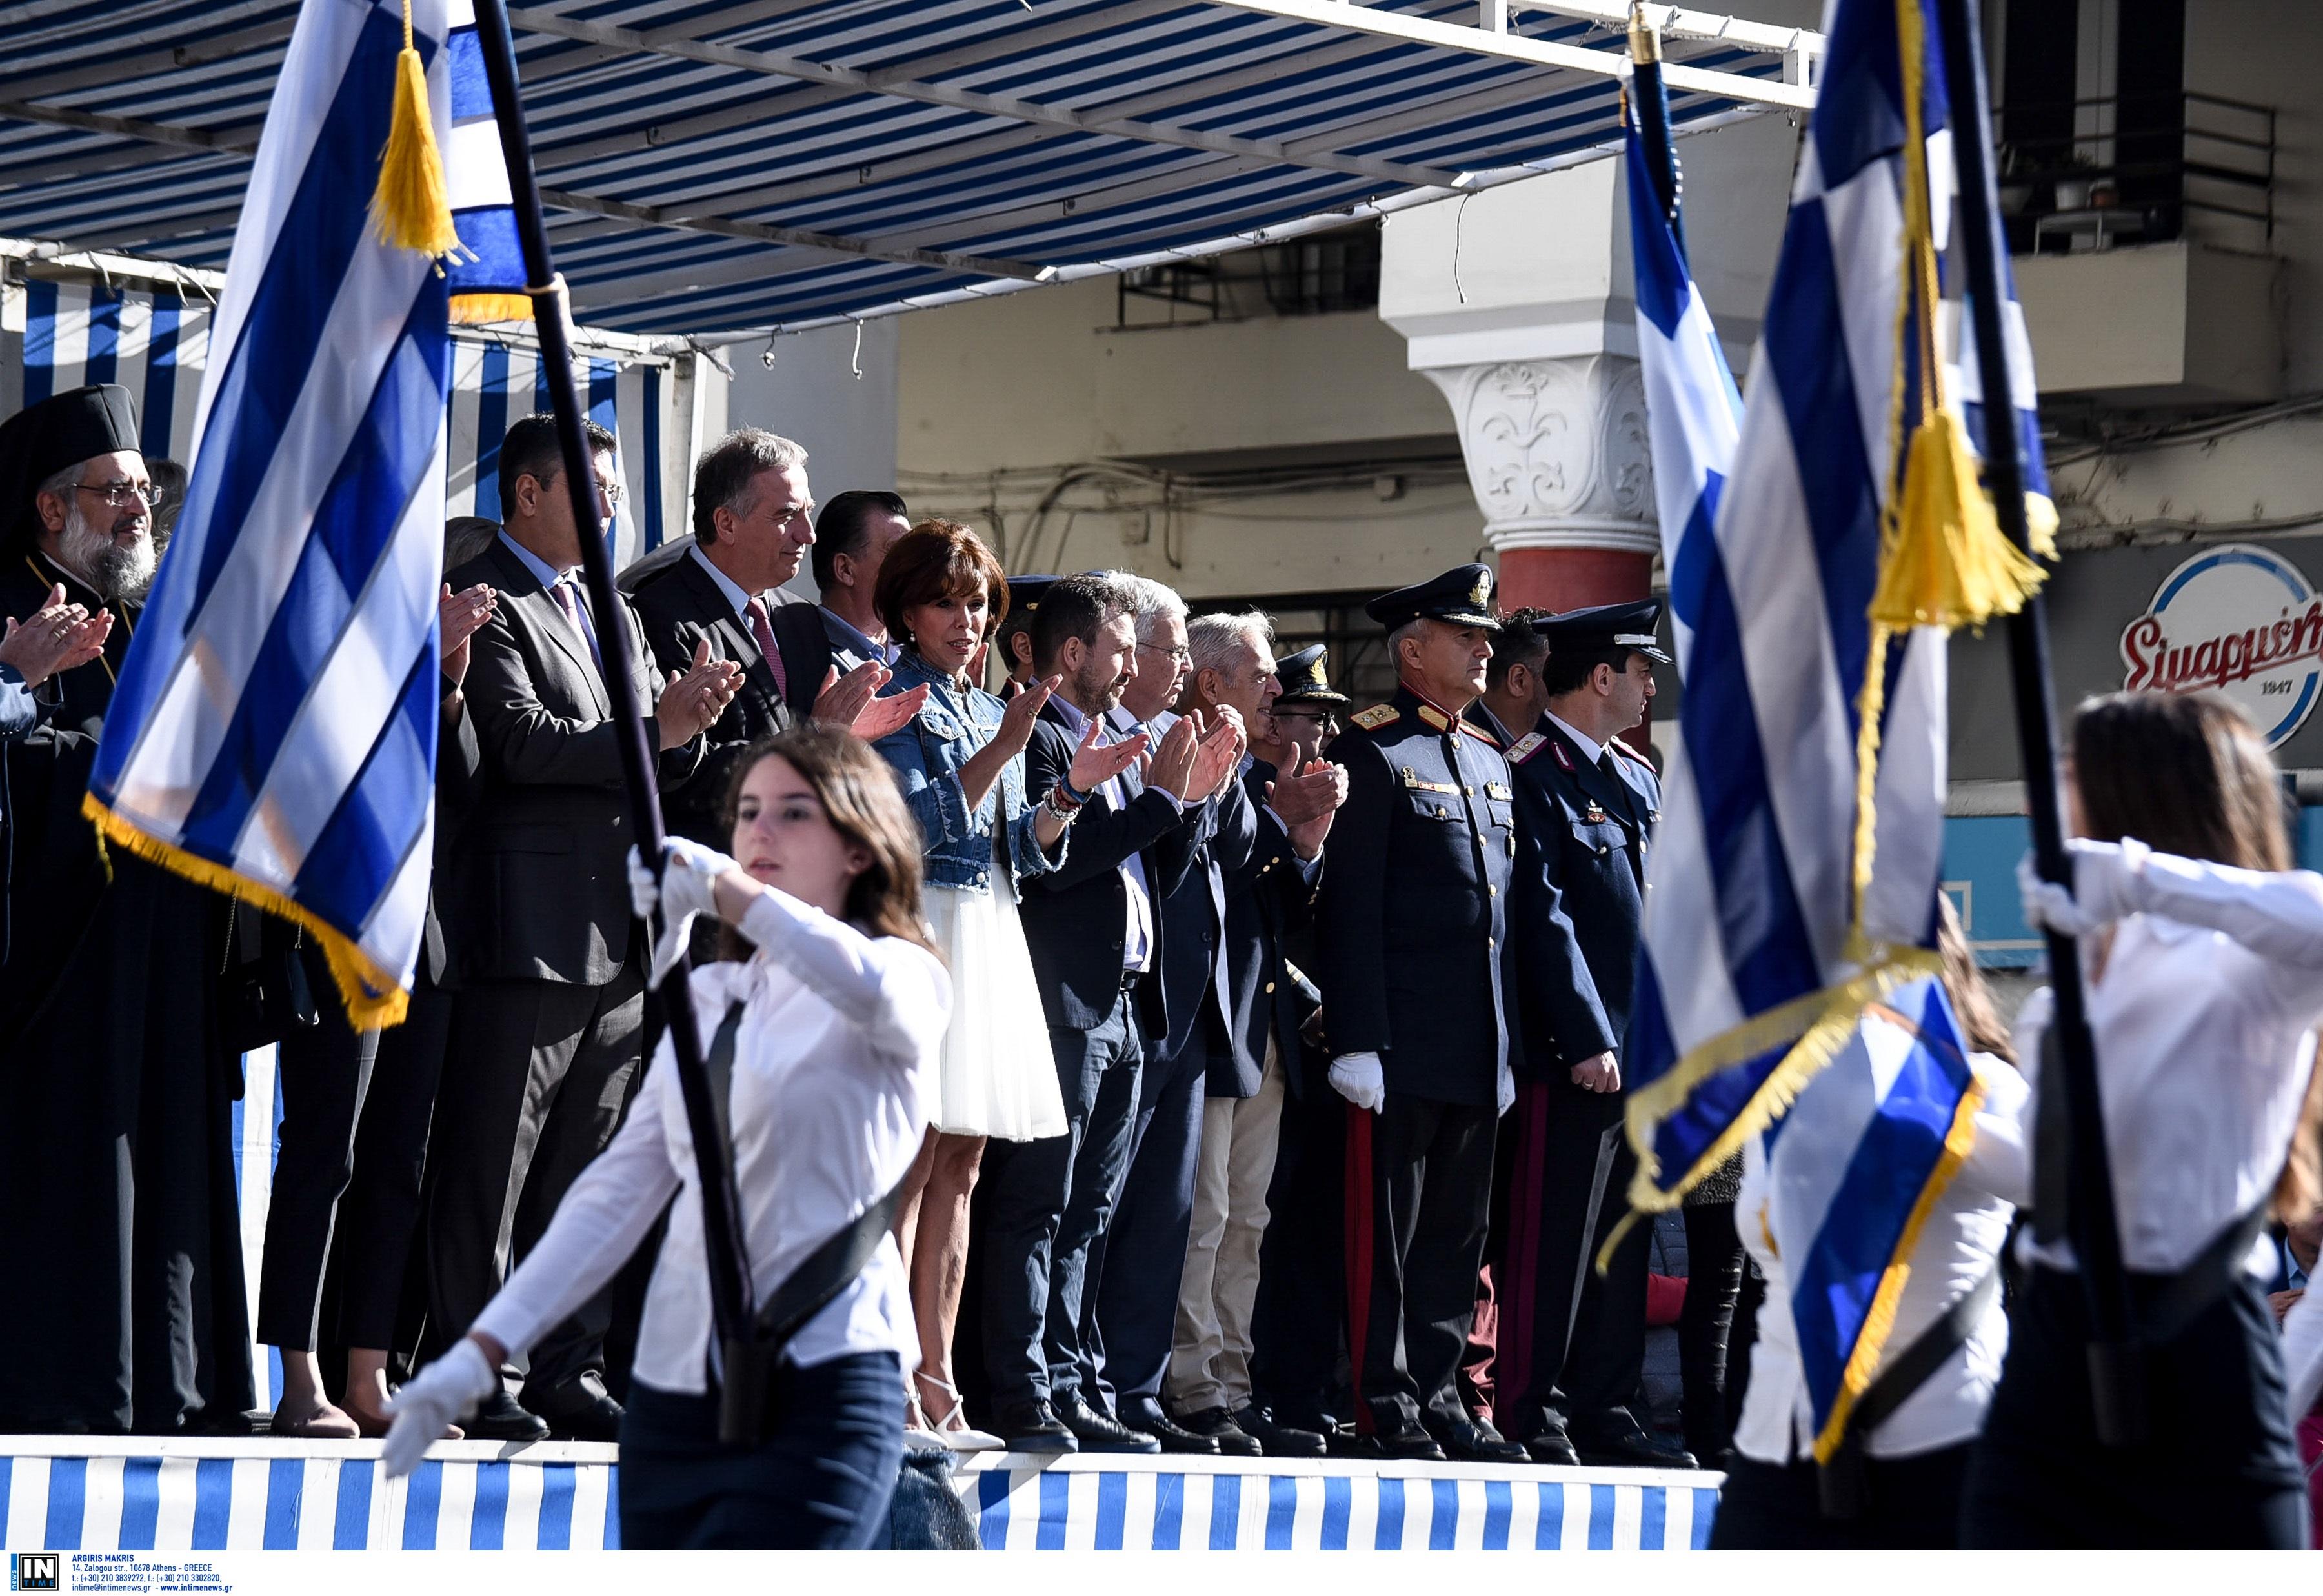 Οι άριστοι θα κρατούν τη σημαία στις παρελάσεις – Στη Βουλή η ρύθμιση